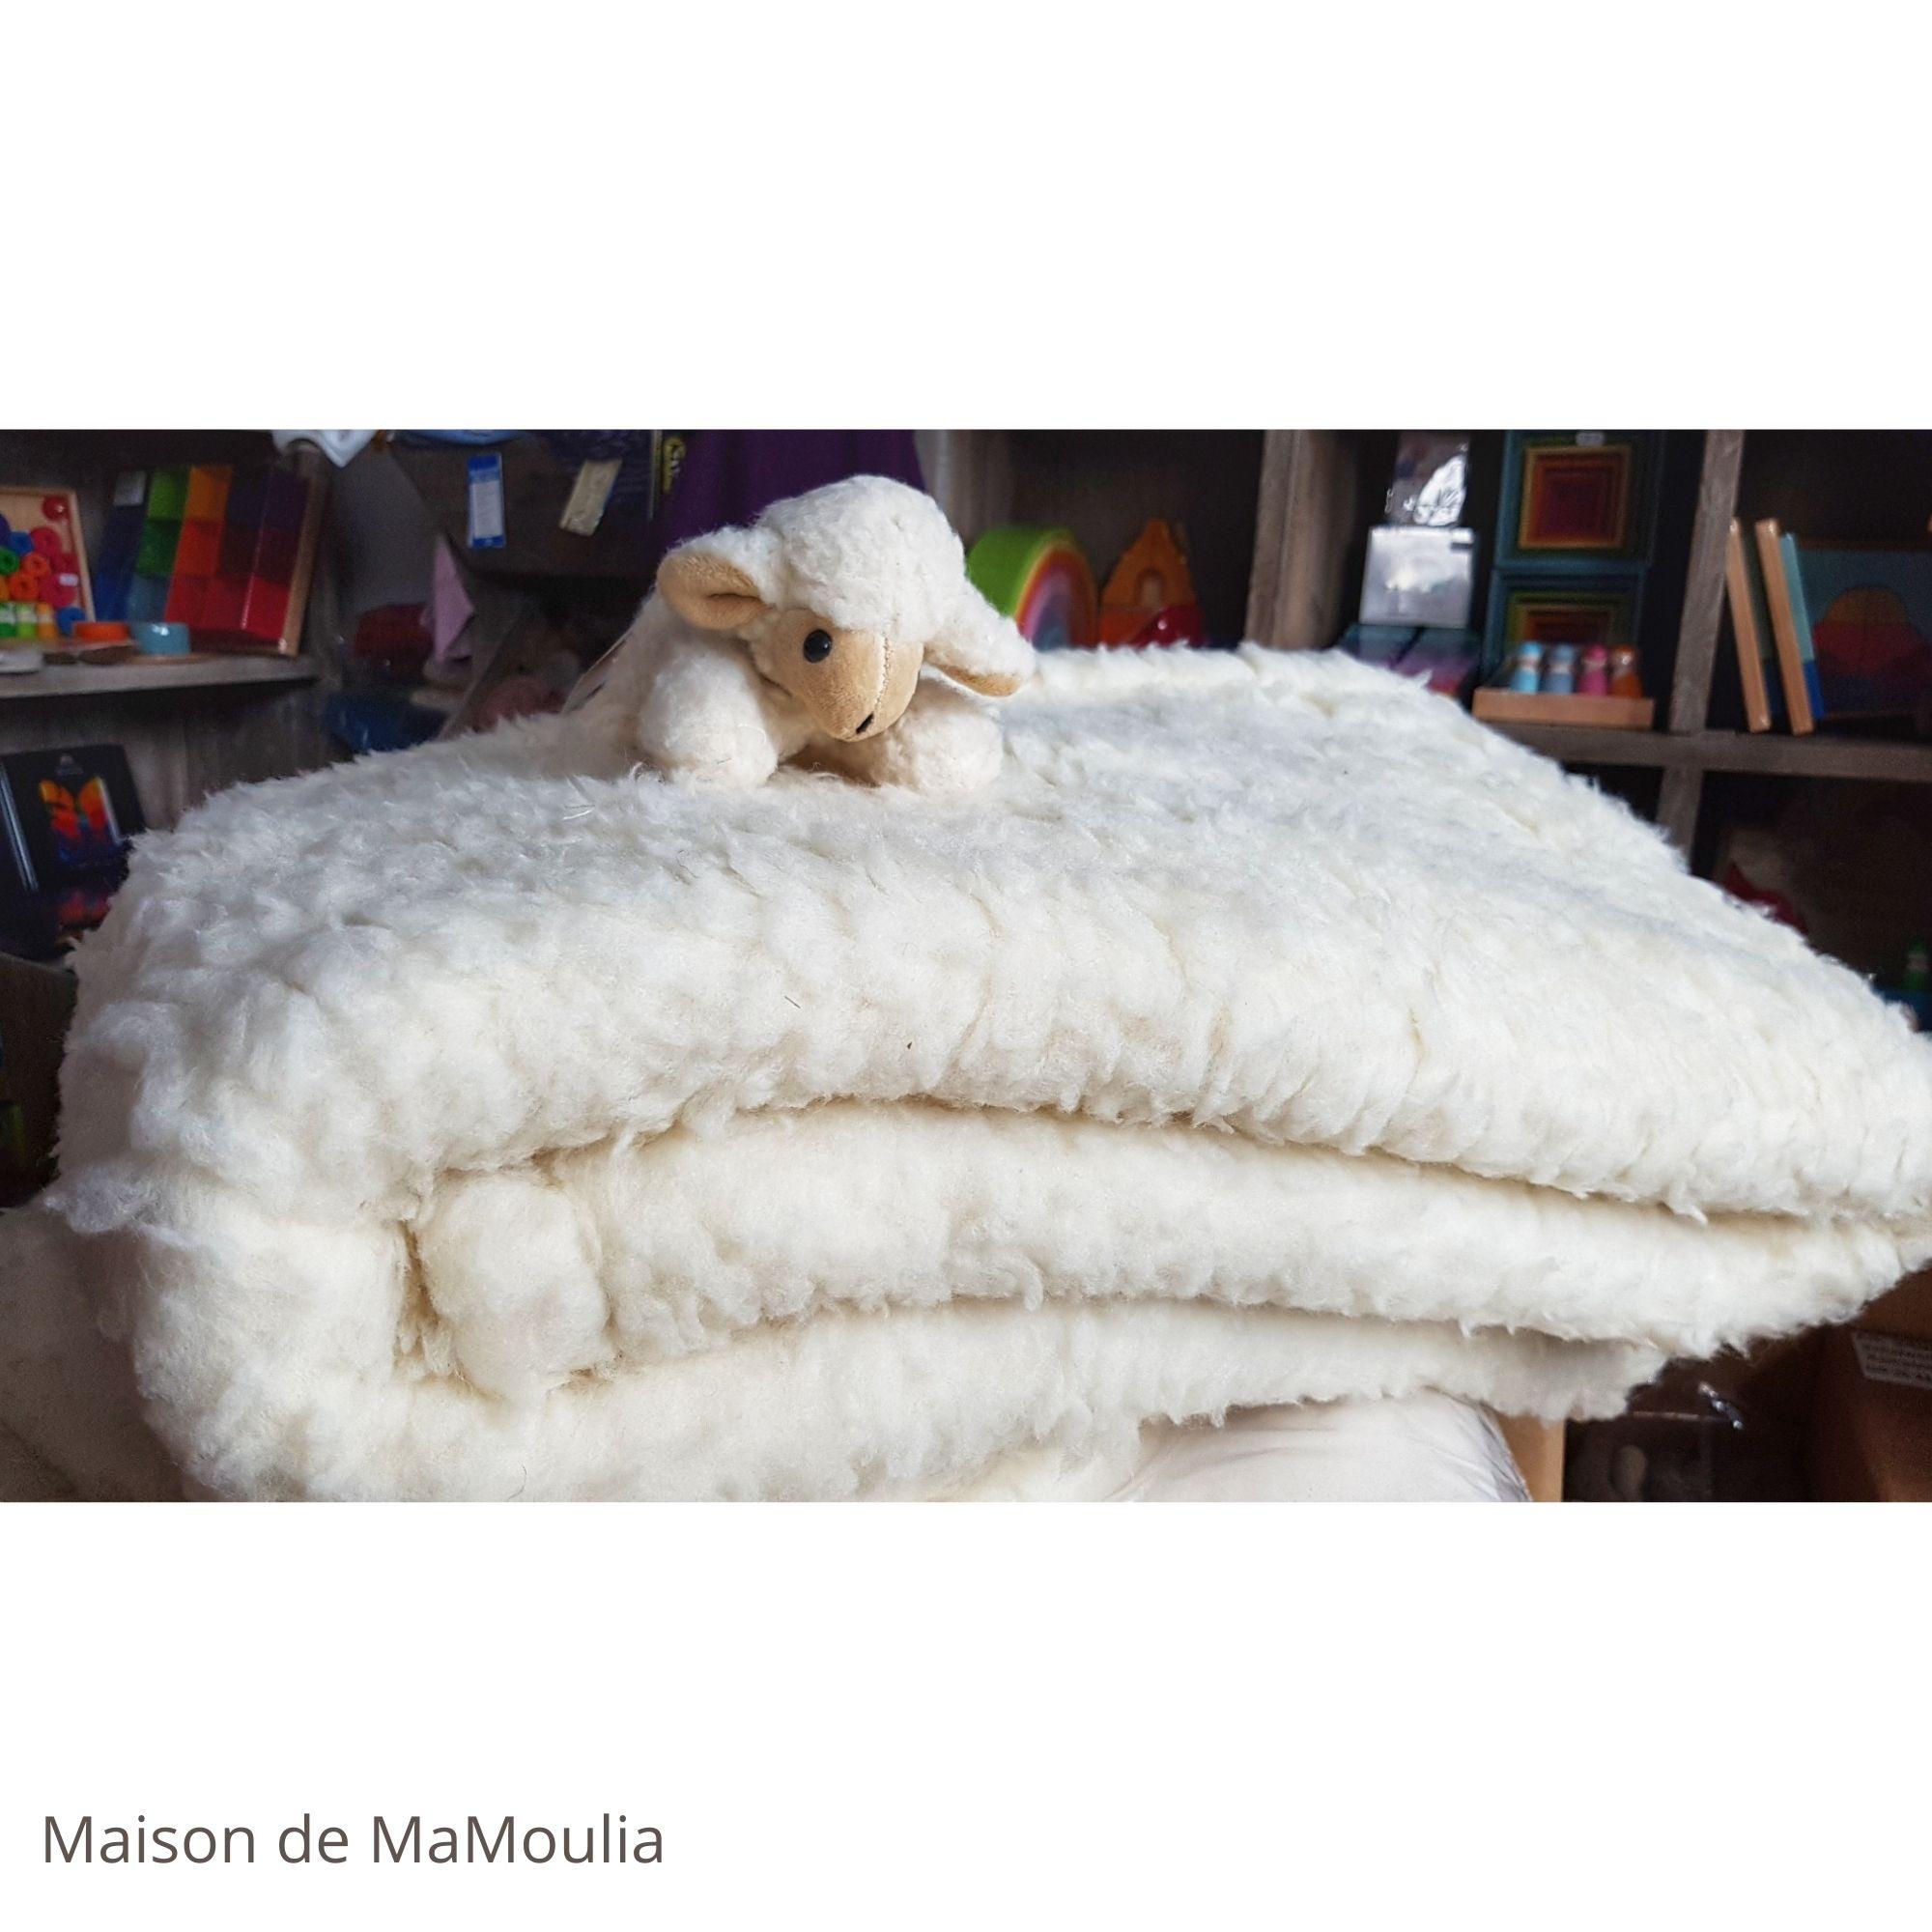 couverture-plaid-jette-du-lit-pure-laine-vierge-bio-saling-maison-de-mamoulia-poils-longs